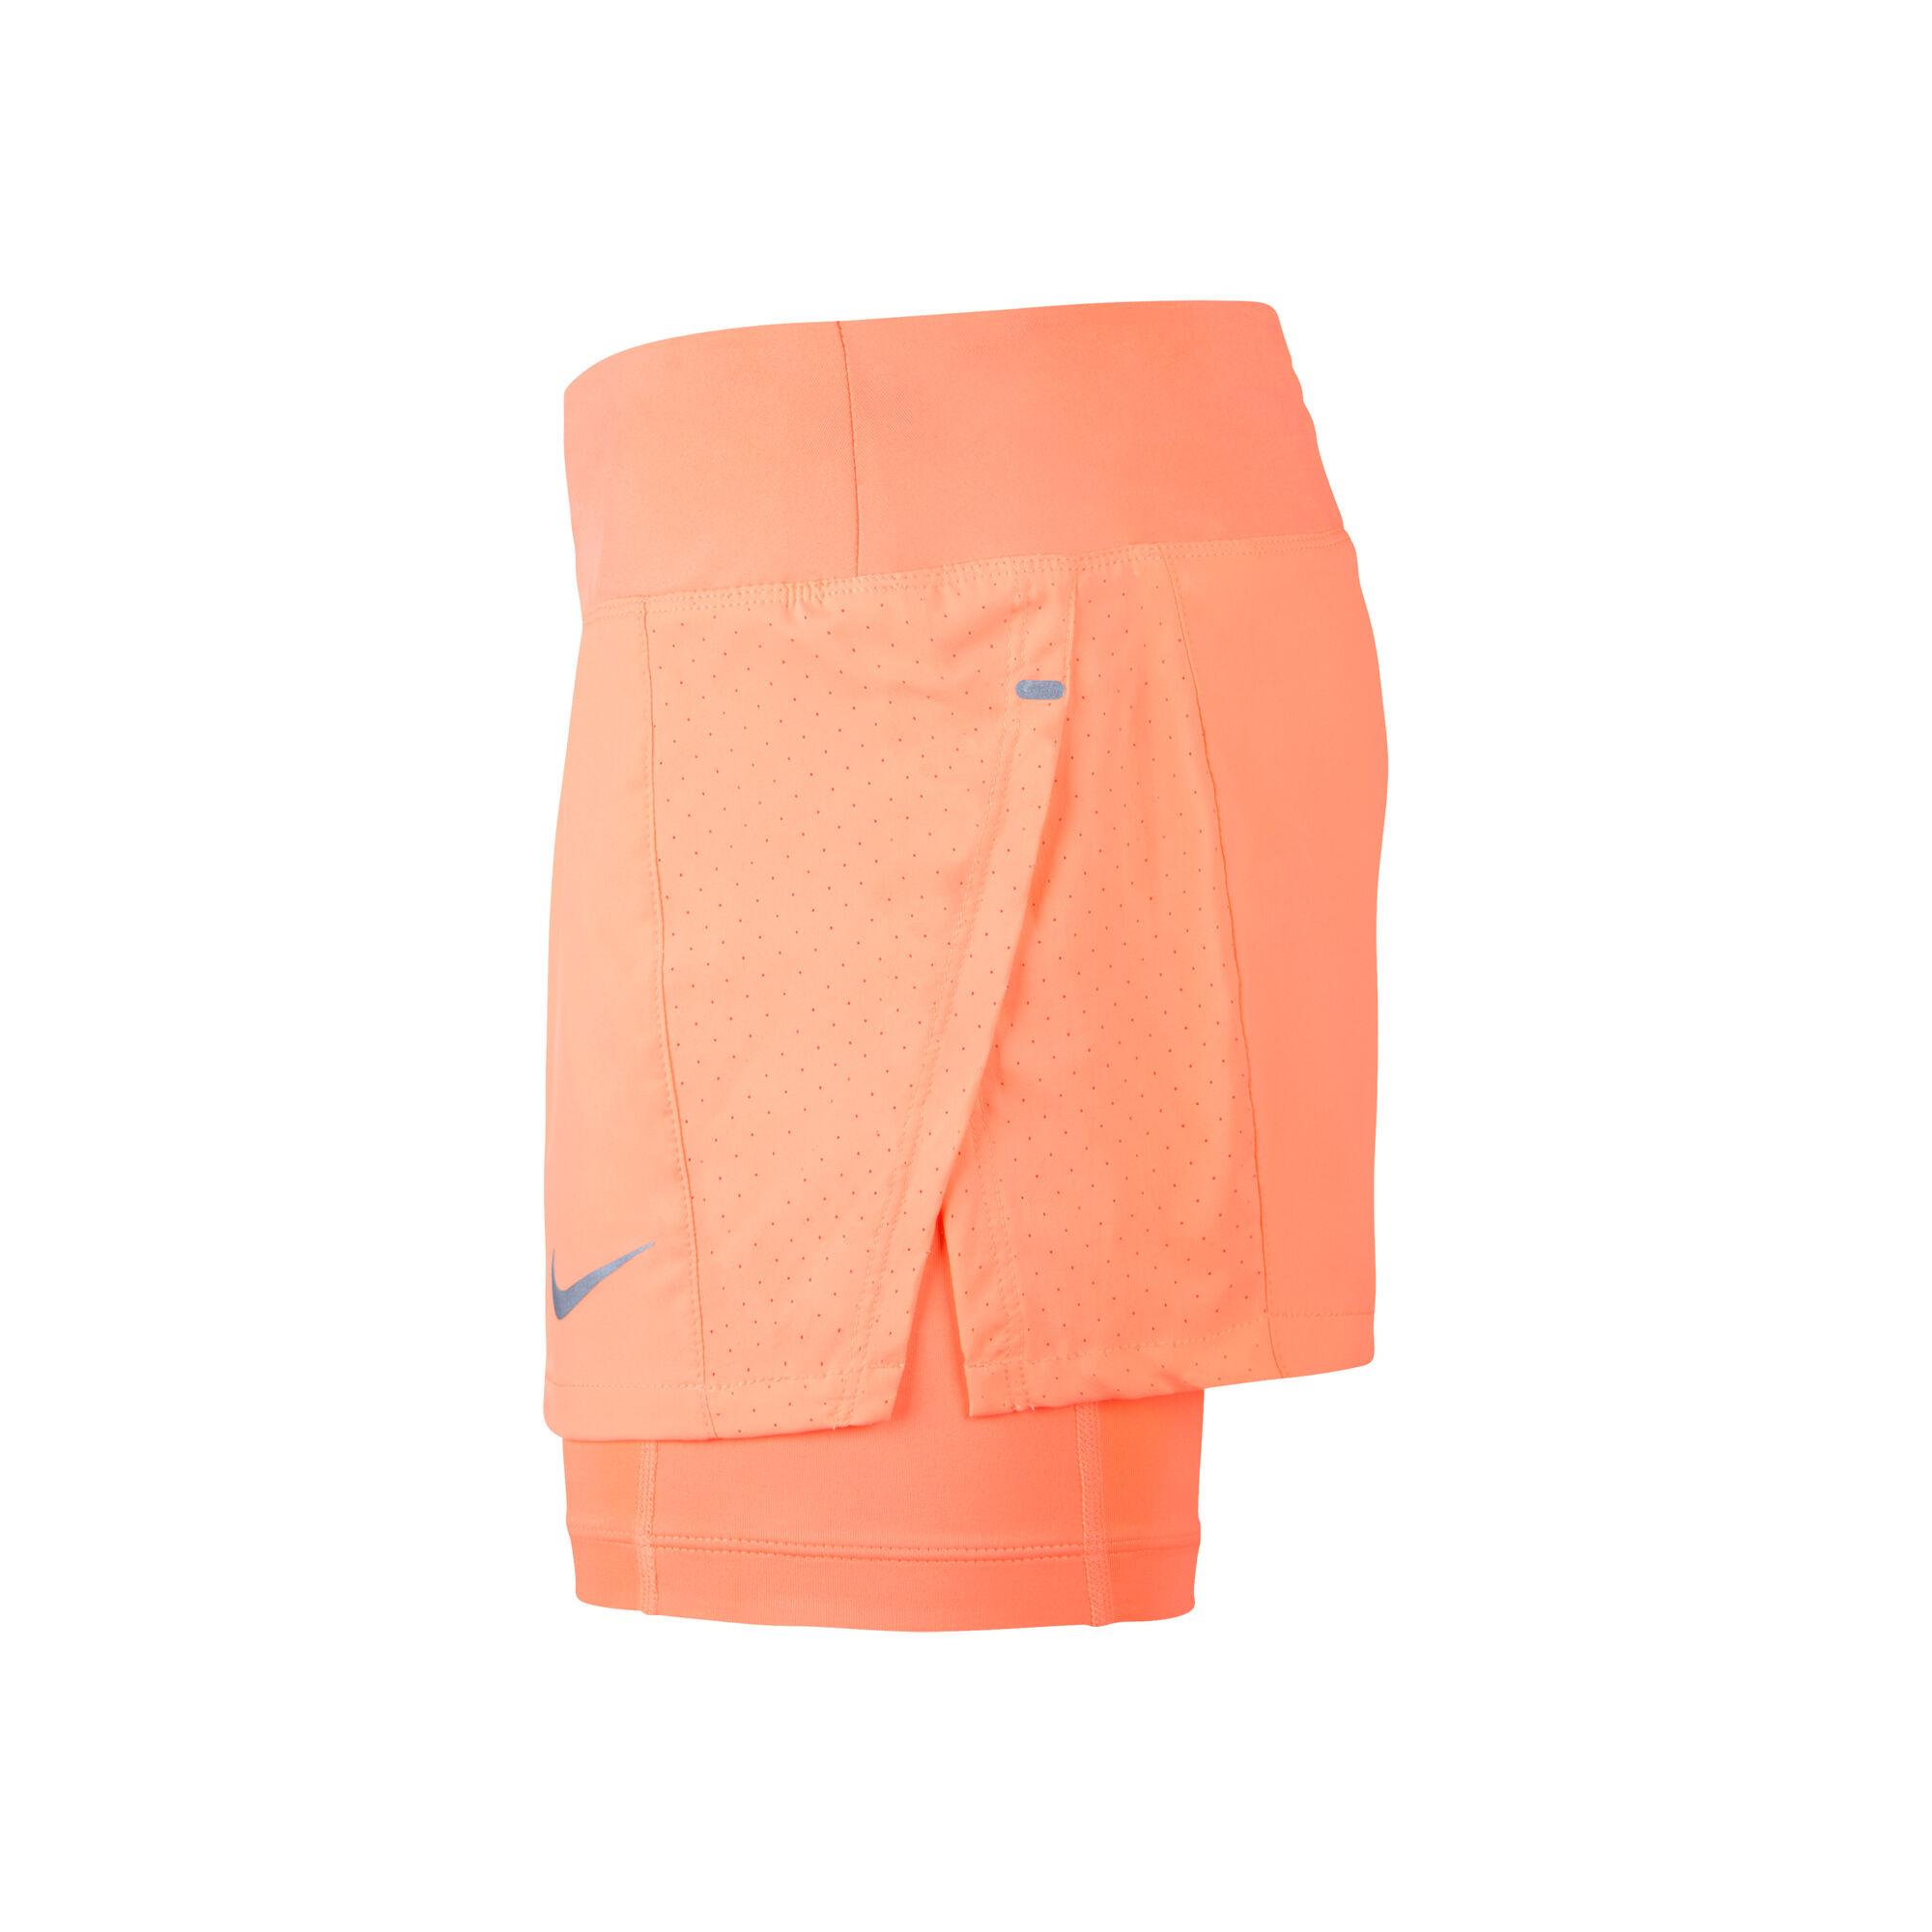 save off 222d8 41f71 Nike Nike Nike Nike Nike. Eclipse 2-in-1 Shorts ...